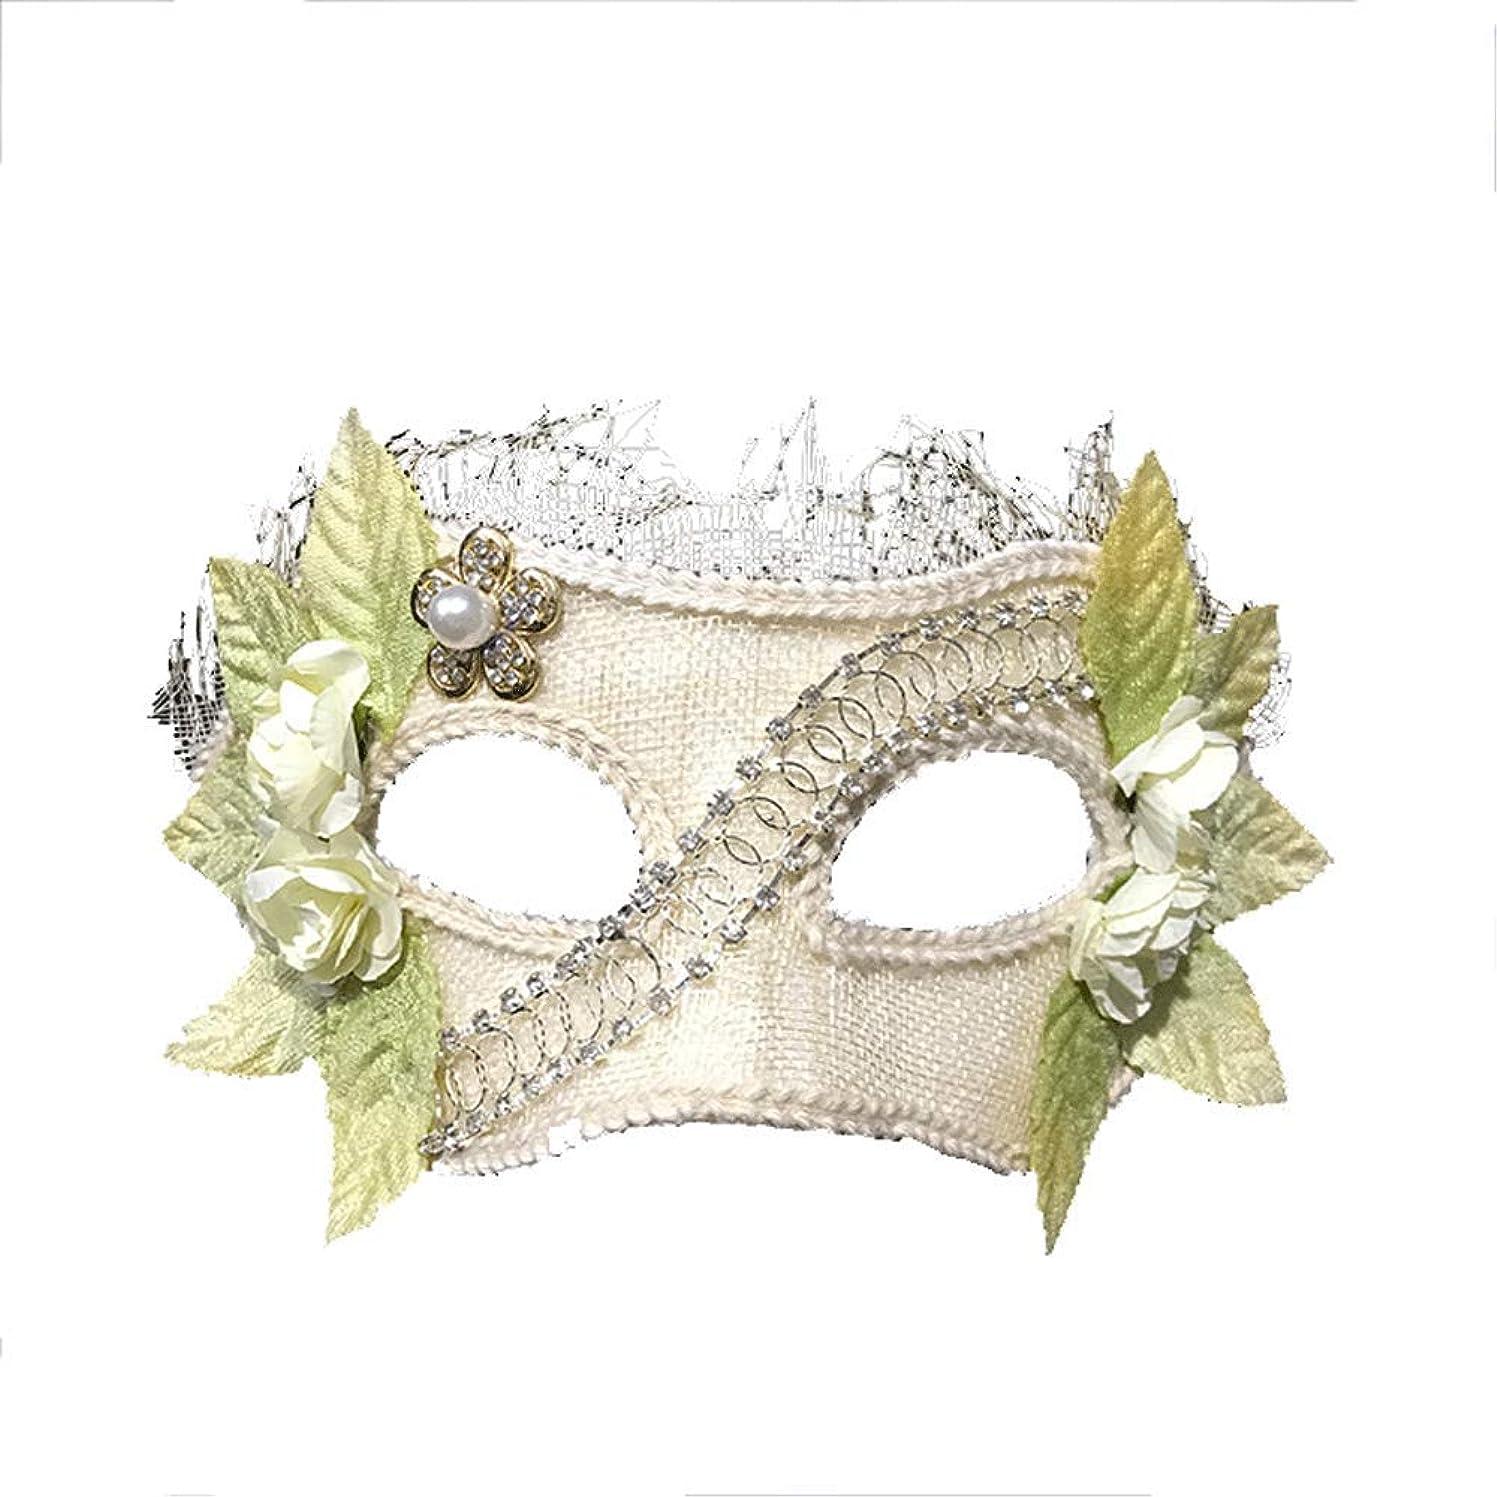 戦闘教える周りNanle ハロウィンクリスマスフラワーフェザービーズマスク仮装マスクレディミスプリンセス美容祭パーティーデコレーションマスク (色 : Style A)